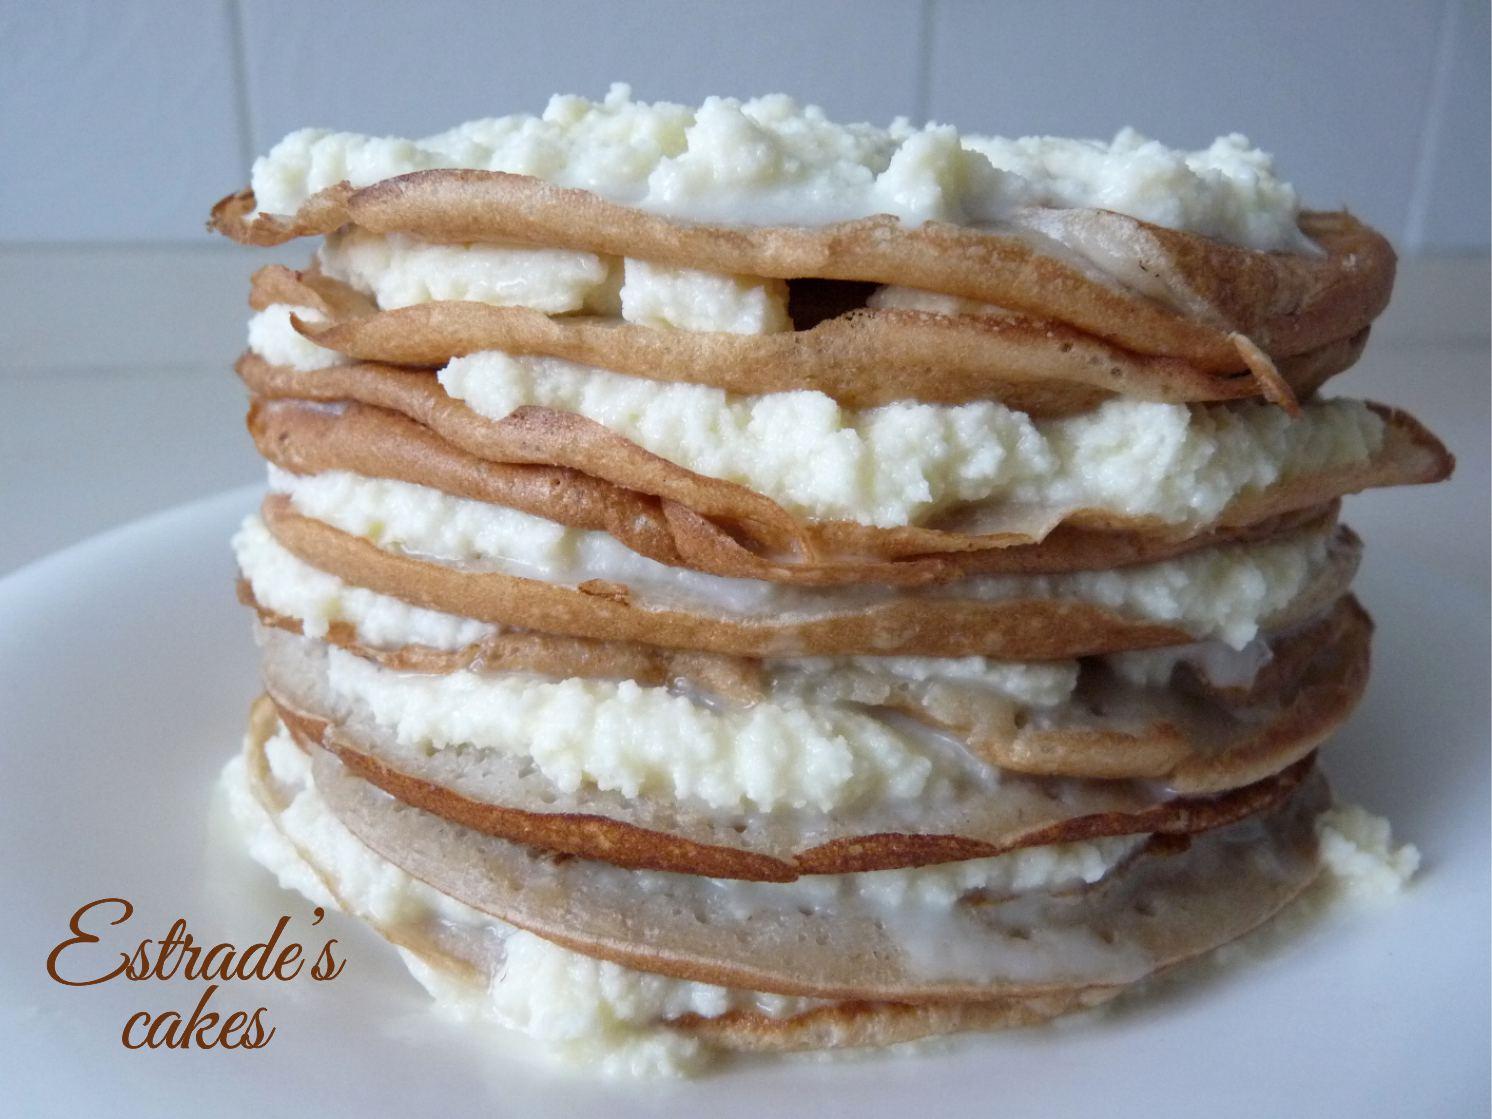 mille crepe de plátano y ganache blanco, receta - 2